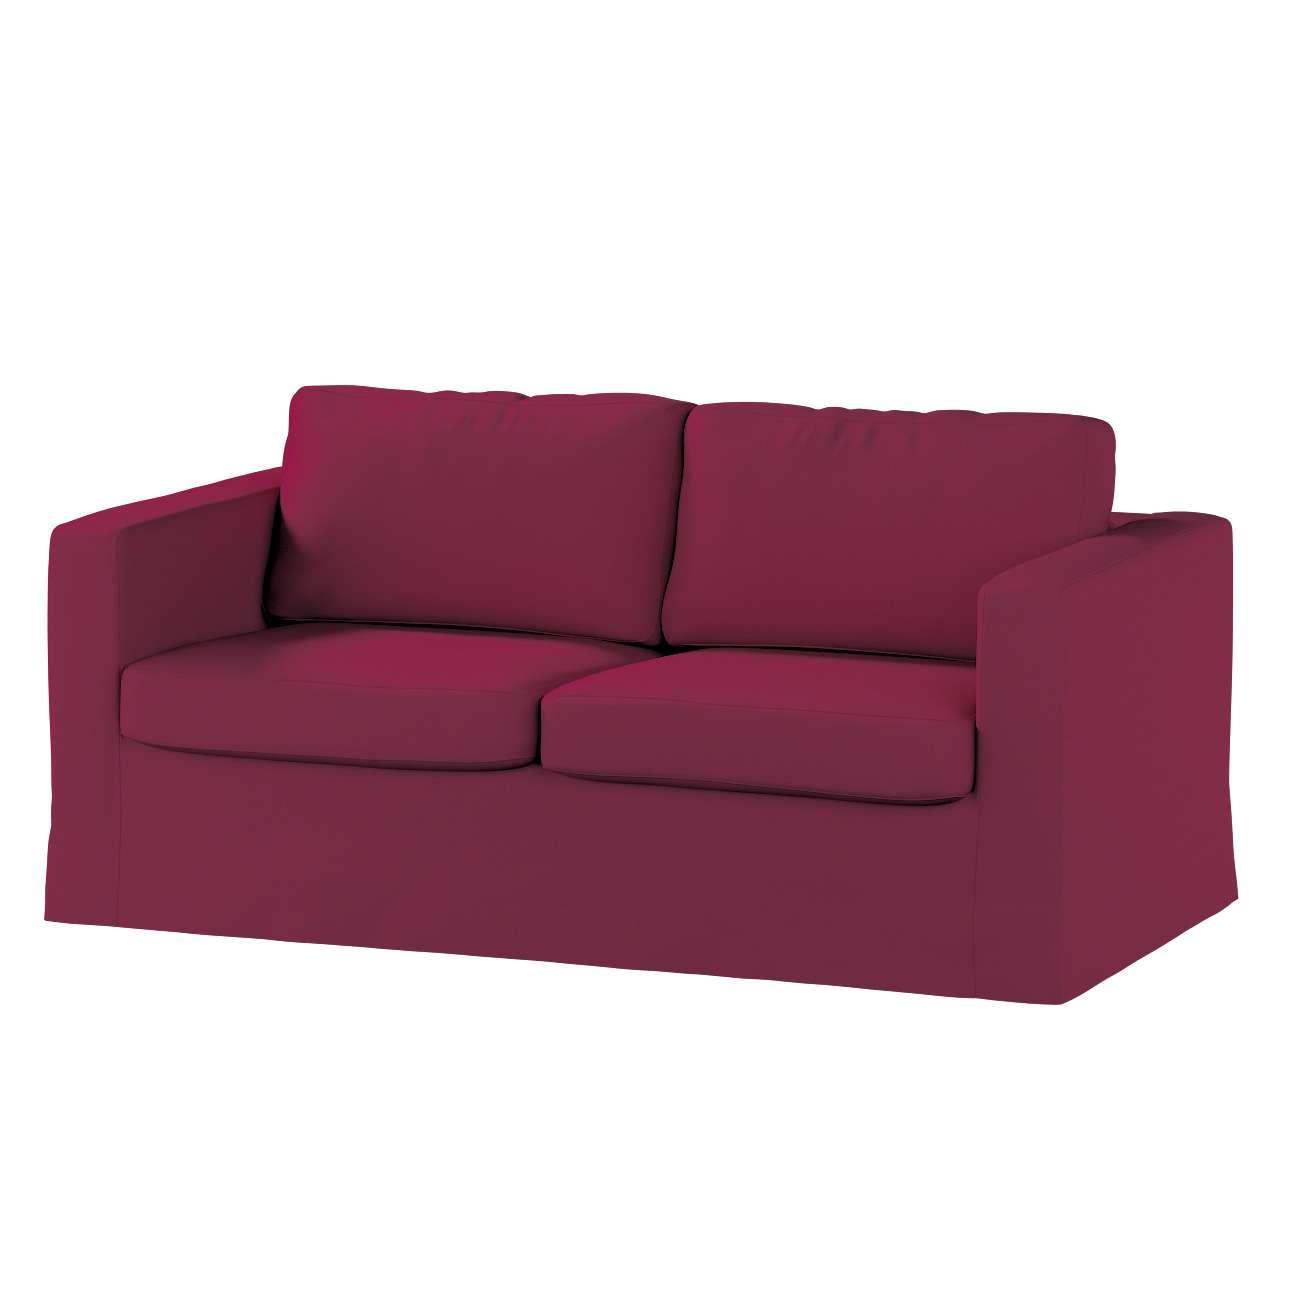 Pokrowiec na sofę Karlstad 2-osobową nierozkładaną długi Sofa Karlstad 2-osobowa w kolekcji Cotton Panama, tkanina: 702-32